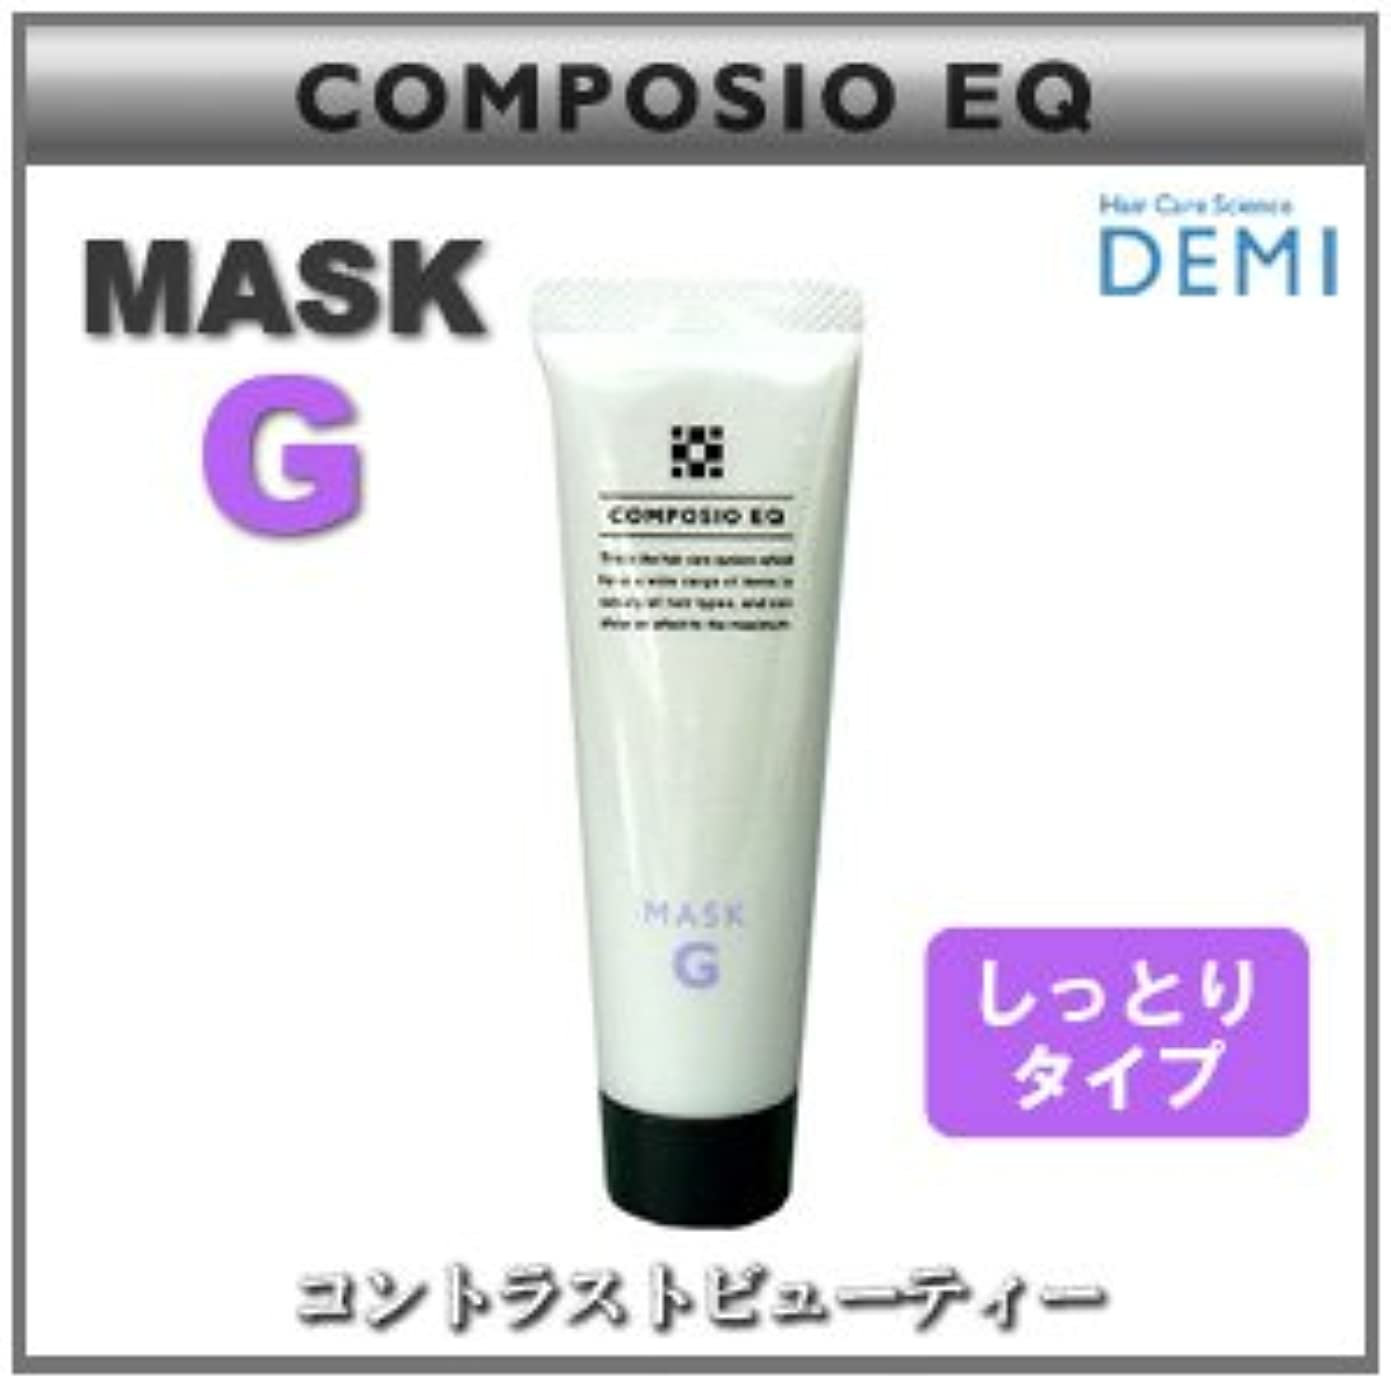 アイデア拷問腰【X5個セット】 デミ コンポジオ EQ マスク G 50g